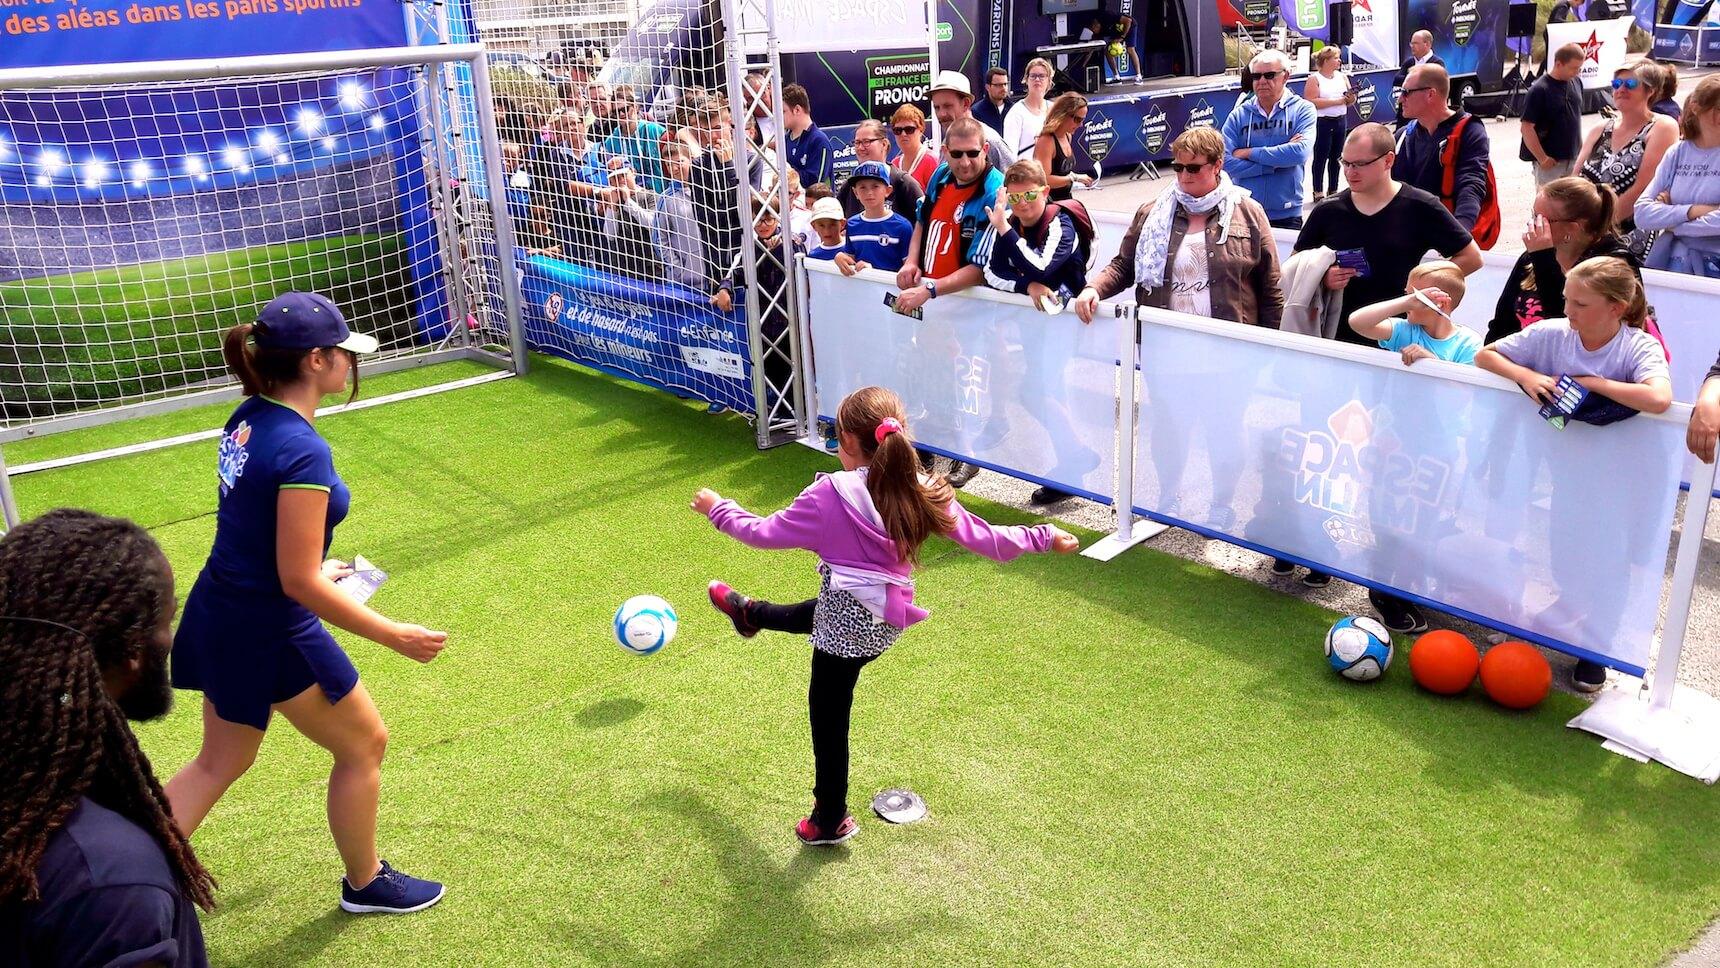 Même les plus jeunes adorent cette animation foot.